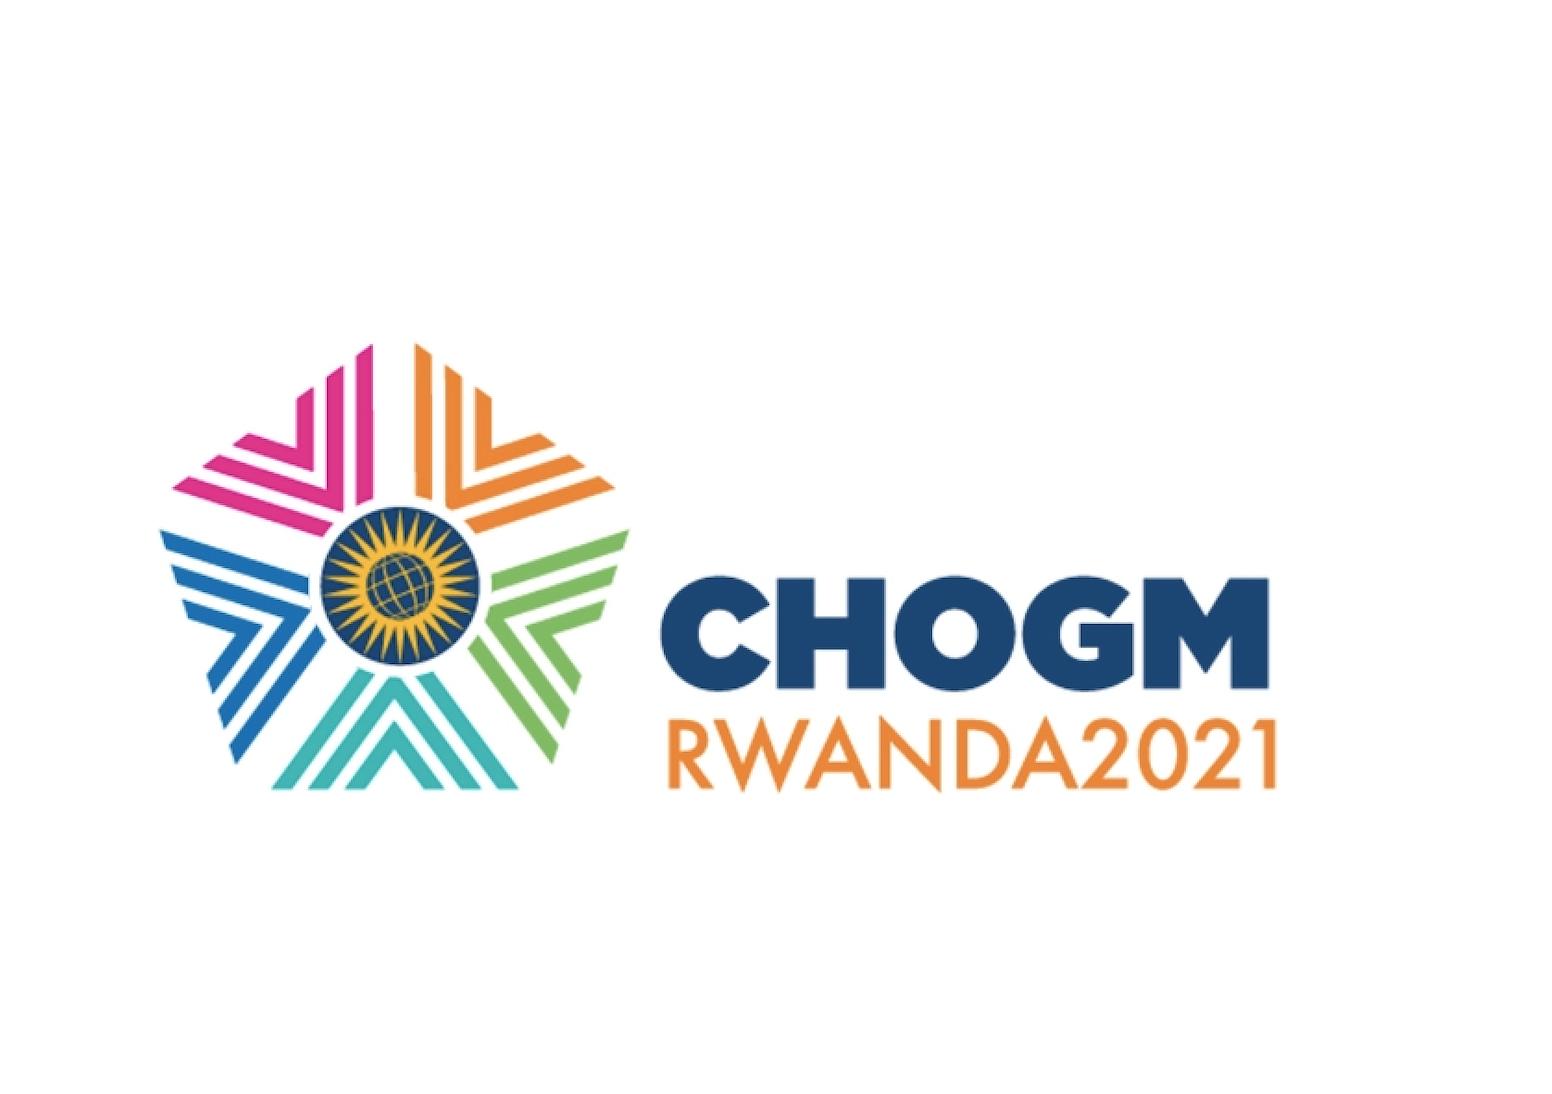 CHOGM 2021 Dates Announced